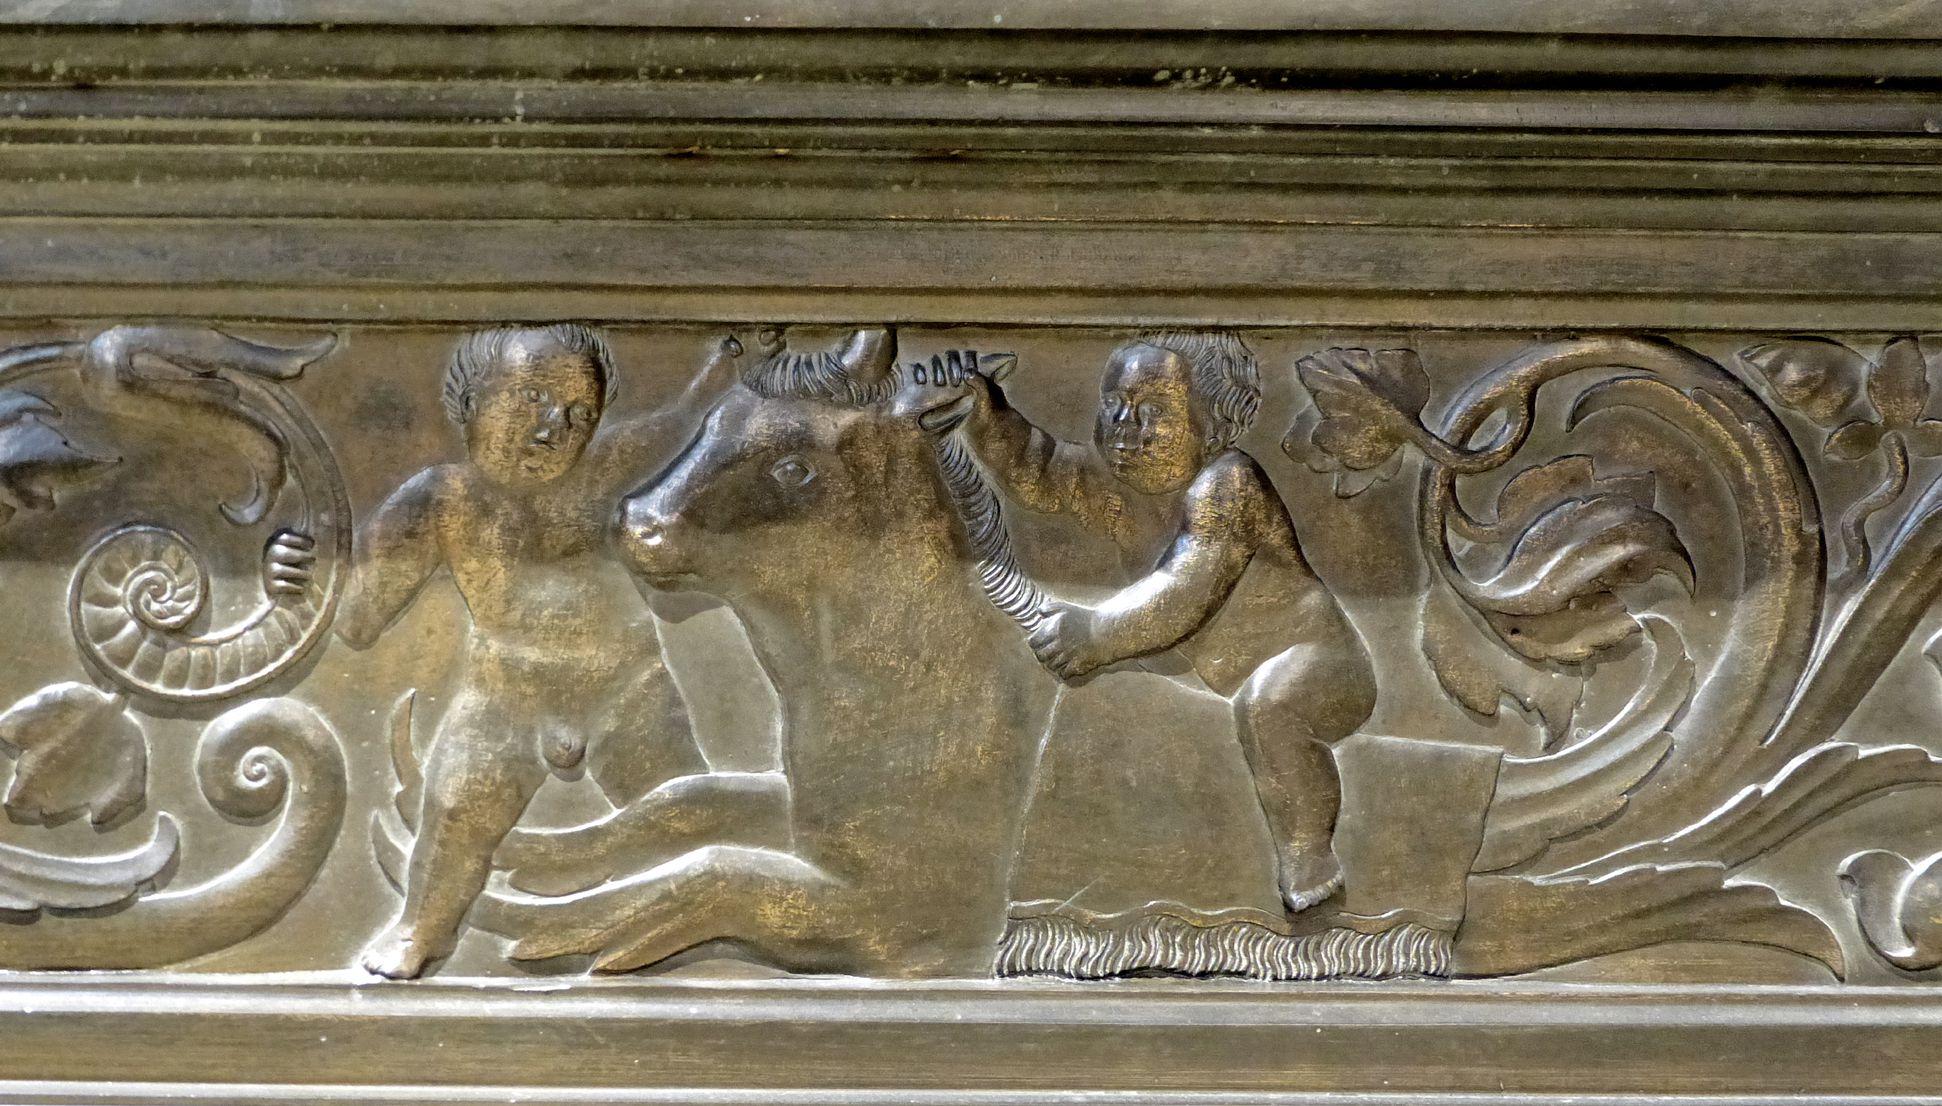 Grabmal Friedrichs des Weisen (Wittenberg) Grabplatte, Sockel: mit einem Stier/Fabelwesen spielende Putti, rechts